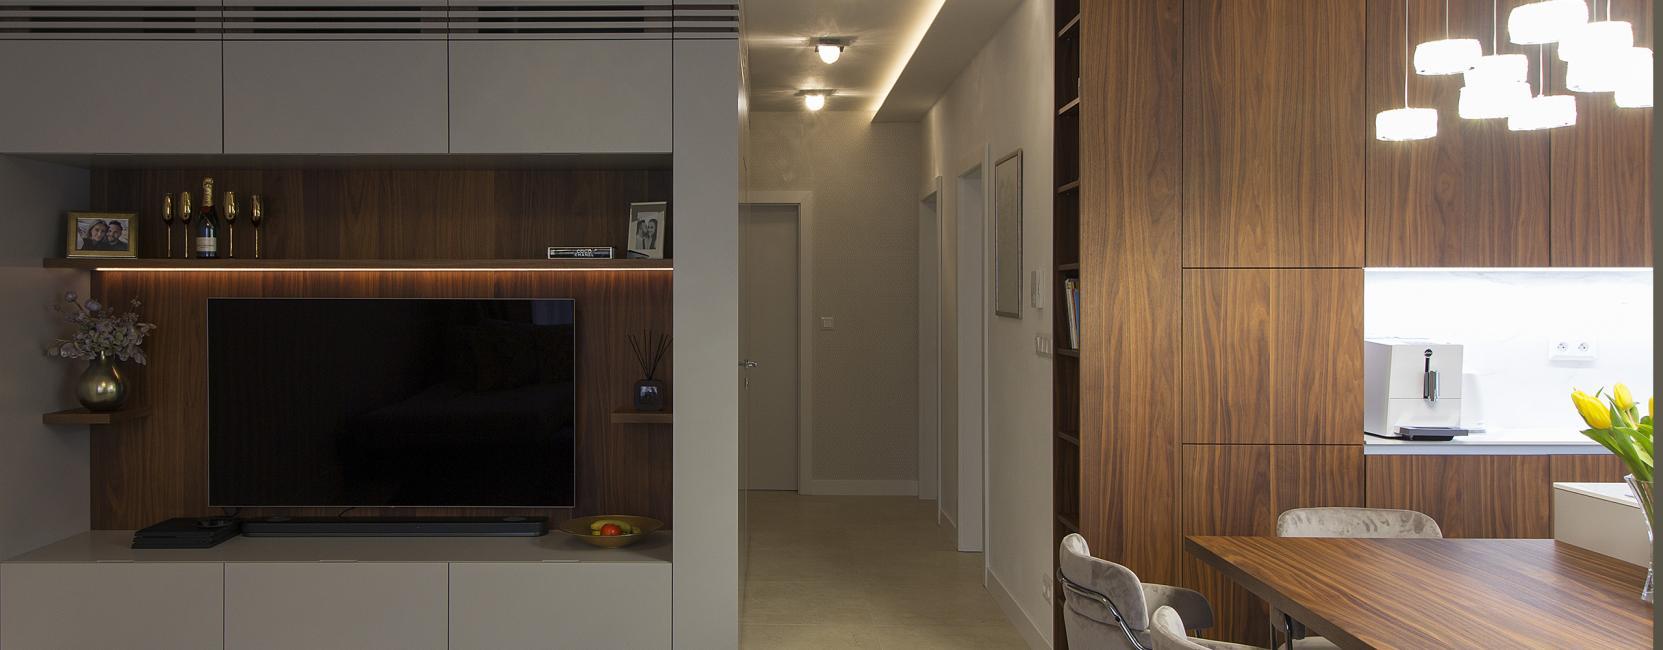 3 - izbový byt - Nitra